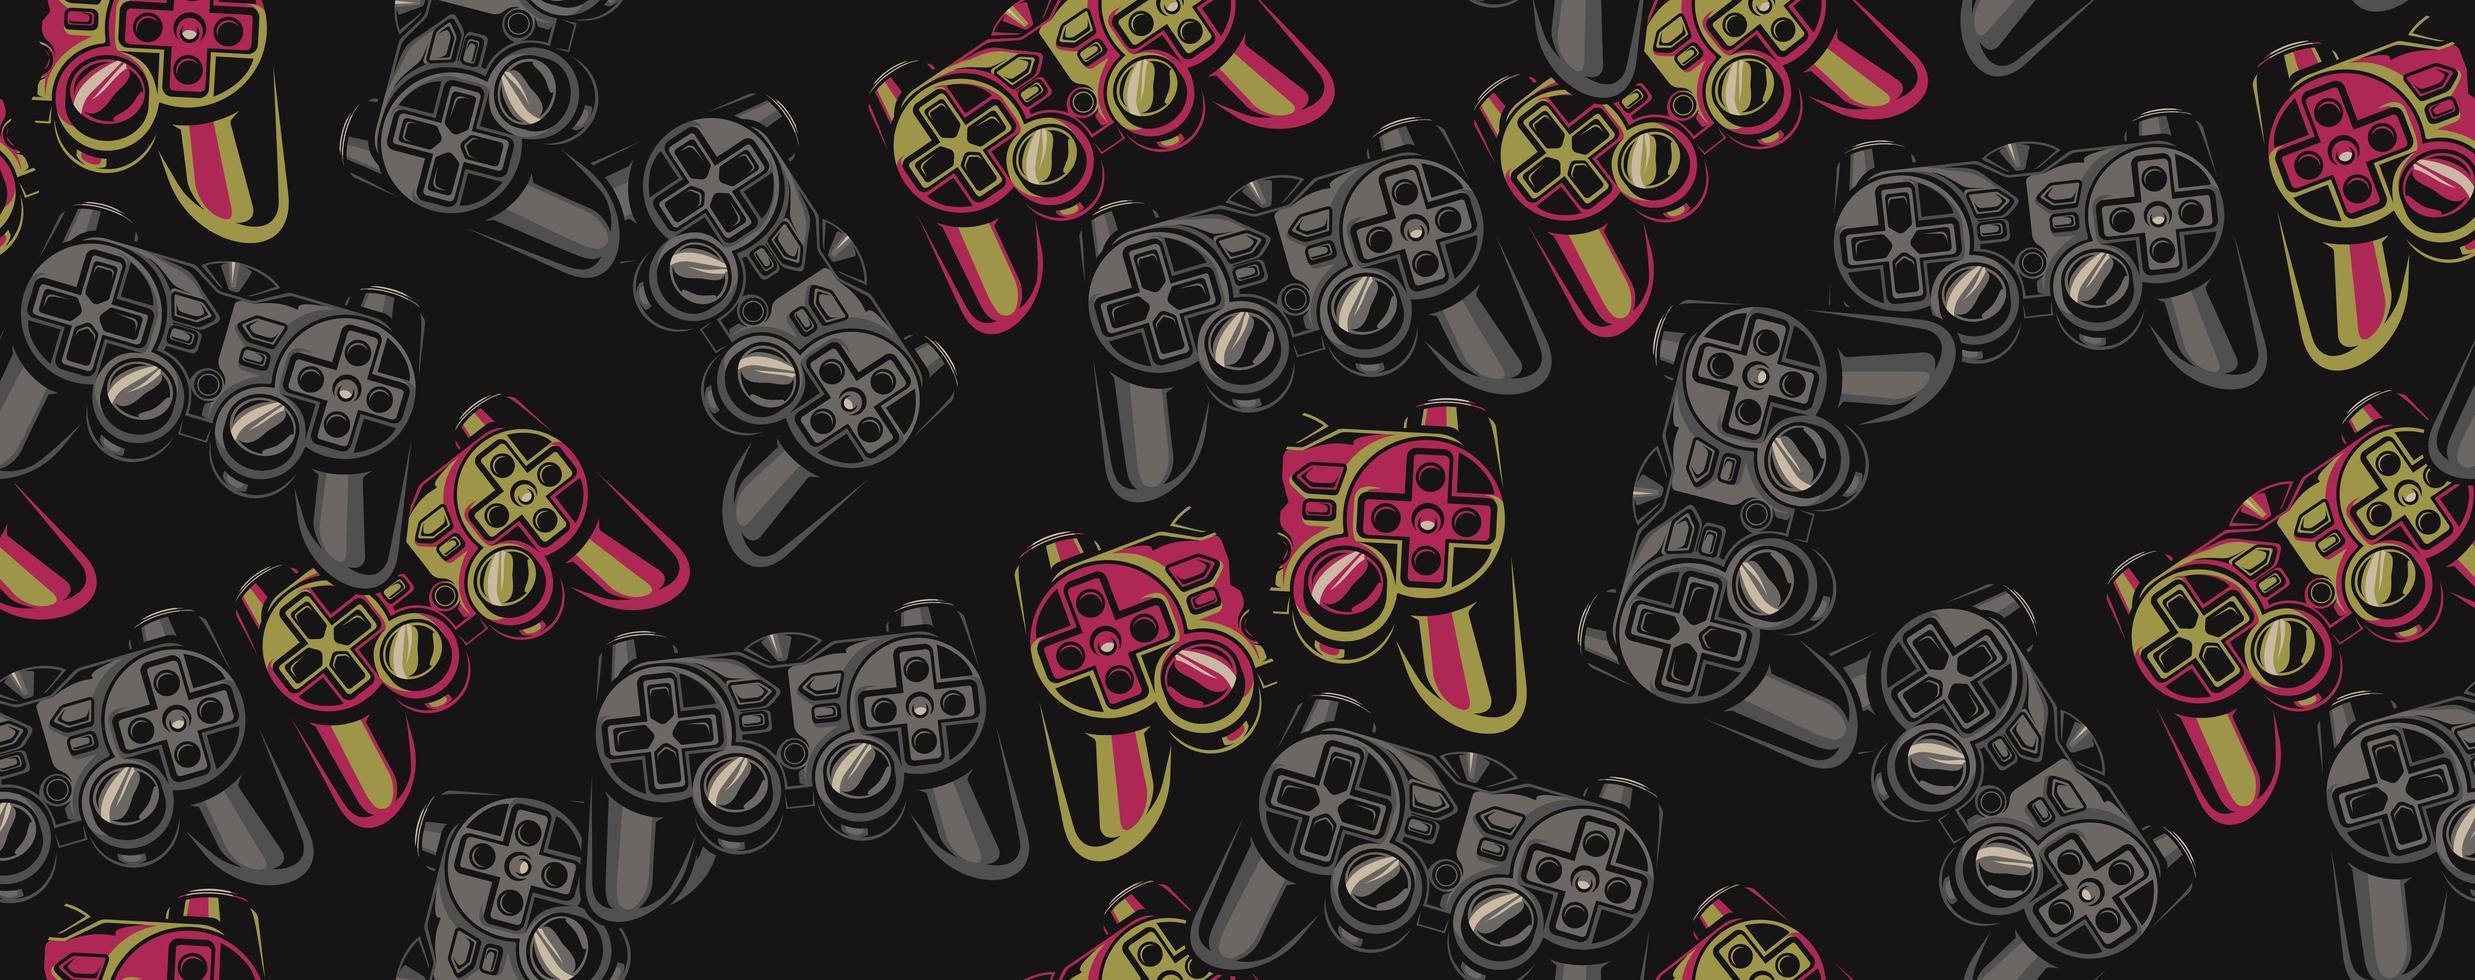 Färg sömlösa mönster på ett spel tema vektor